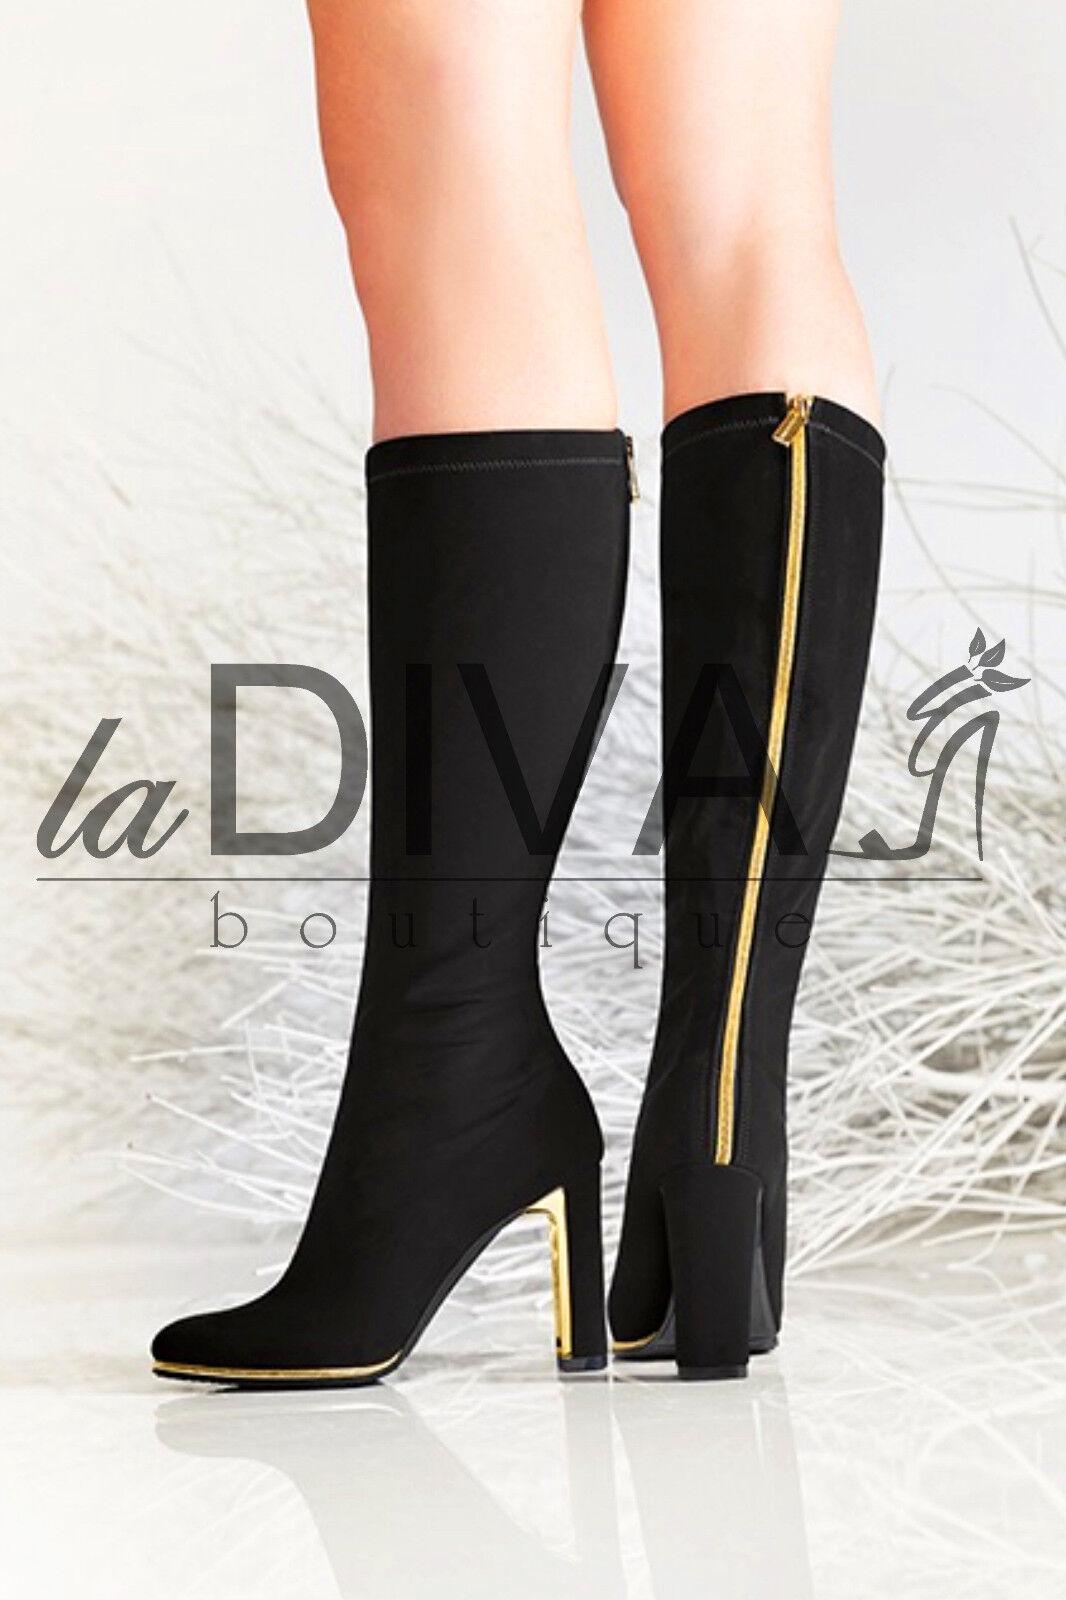 Nila & nila ~ Italy elástico botas 40 negro con cremallera en oro botas de cuero